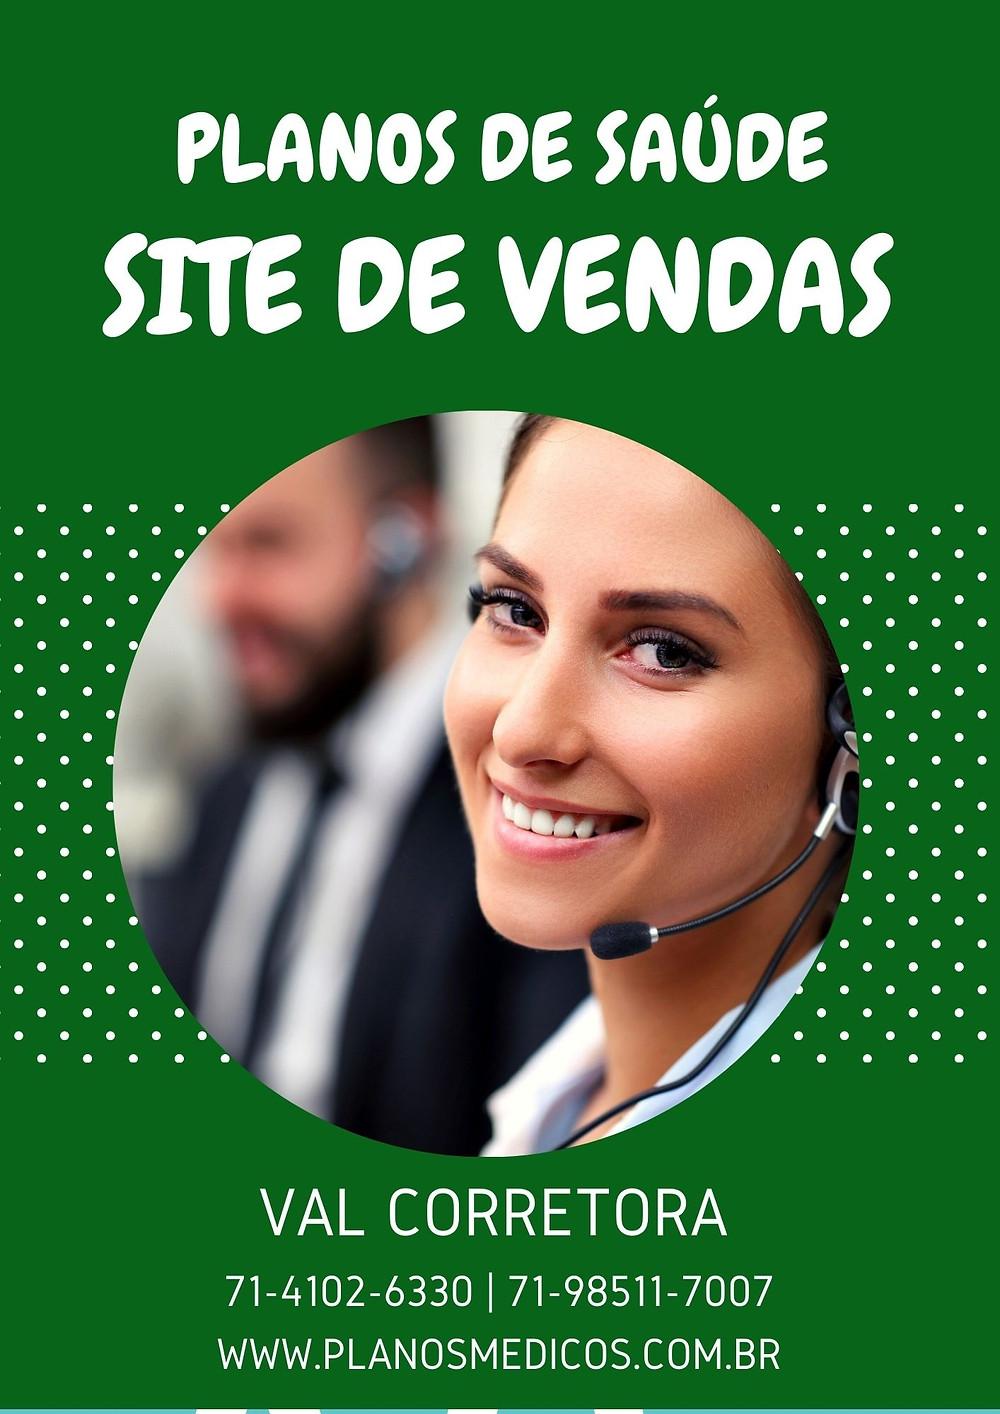 CORRETORA VENDAS DE PLANOS DE SAUDE